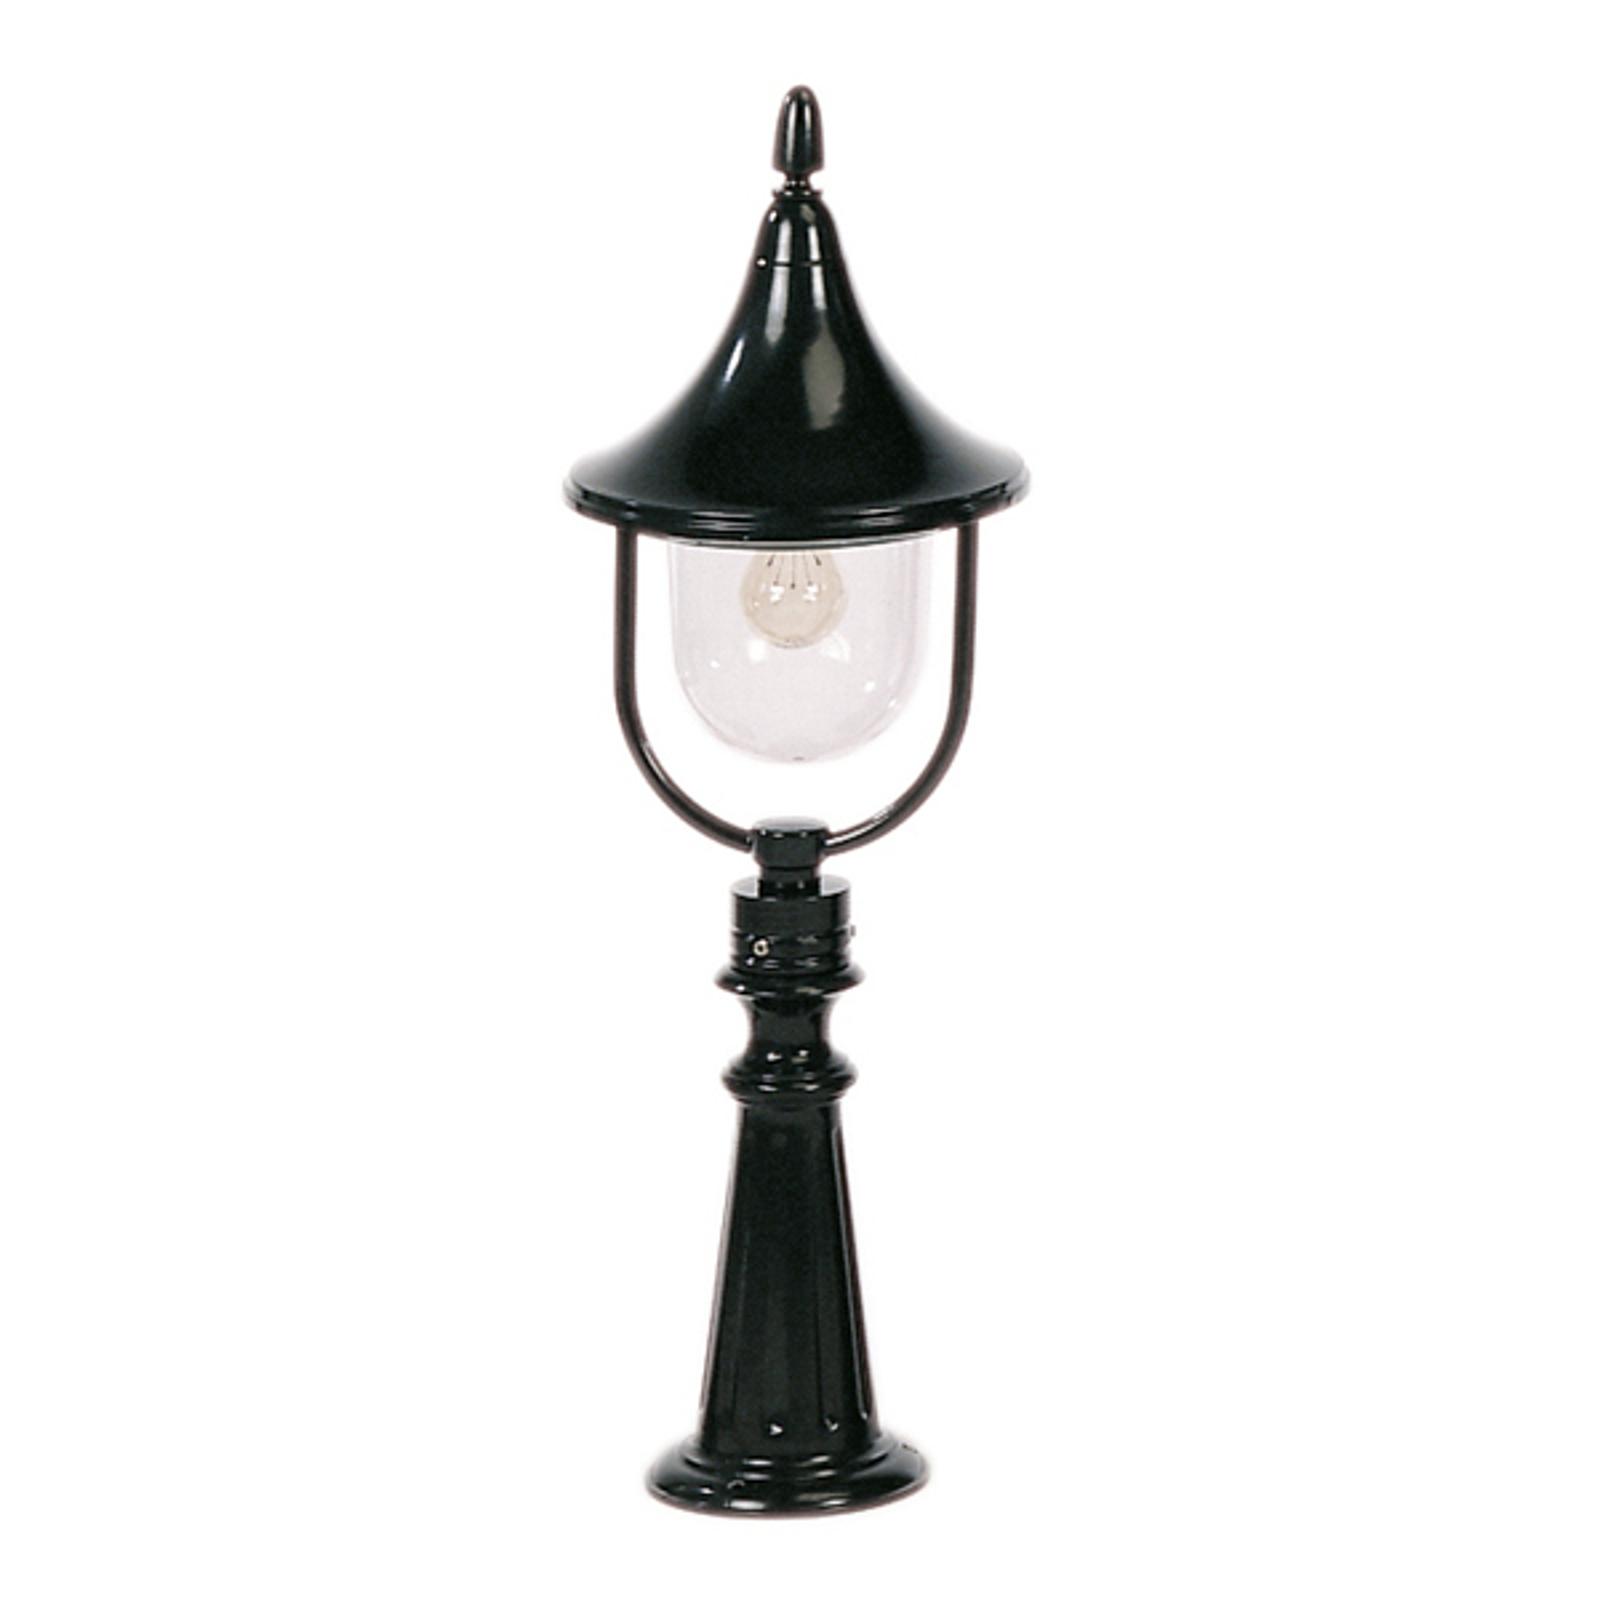 Tuinpadverlichting Parma 77 cm, zwart